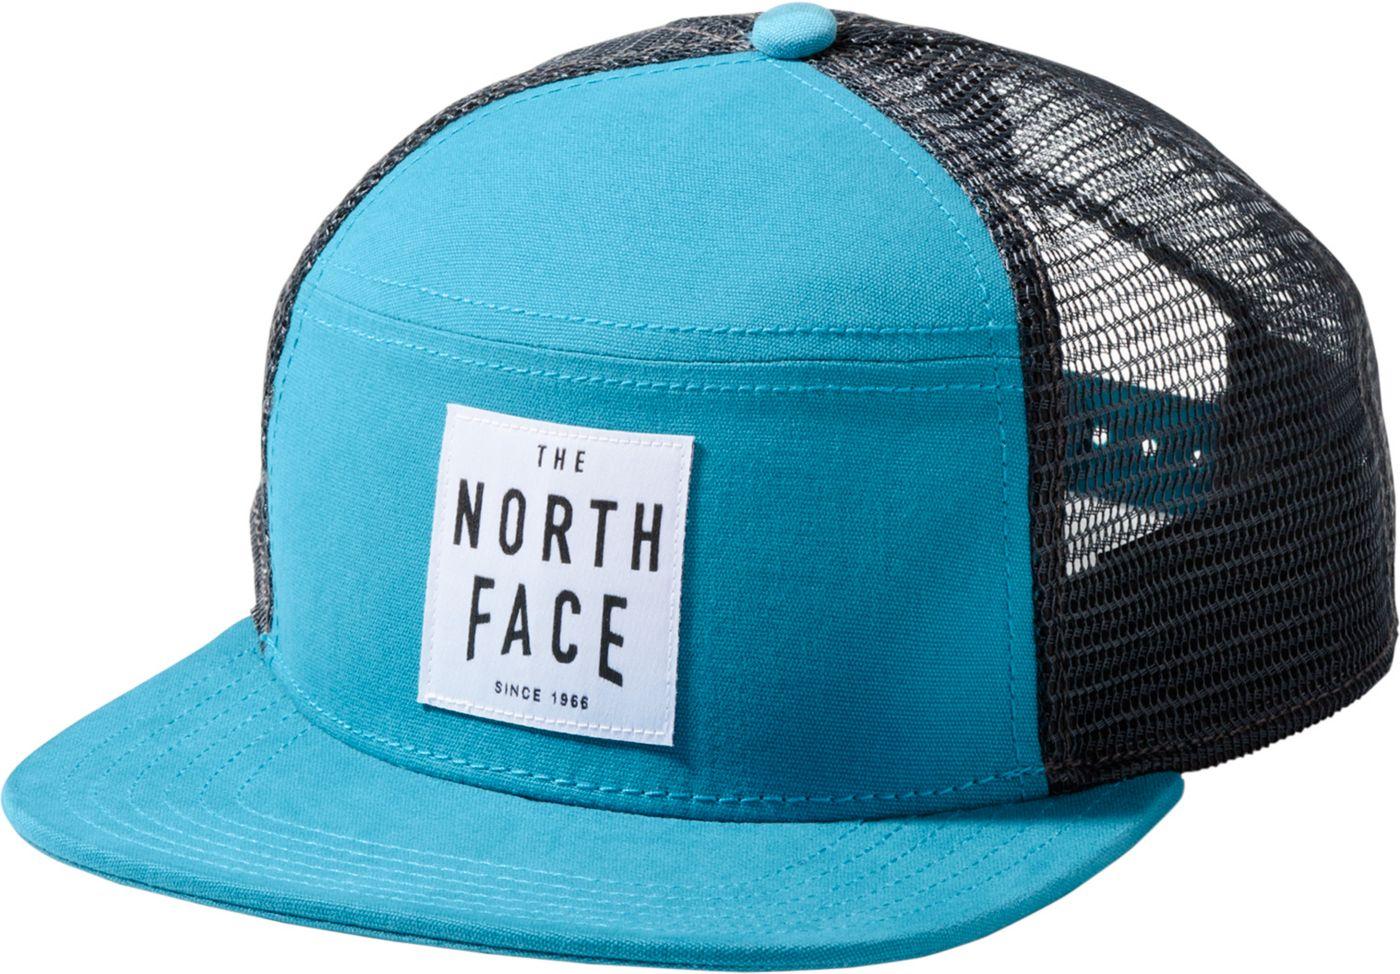 The North Face Men's Dallas Trucker Hat